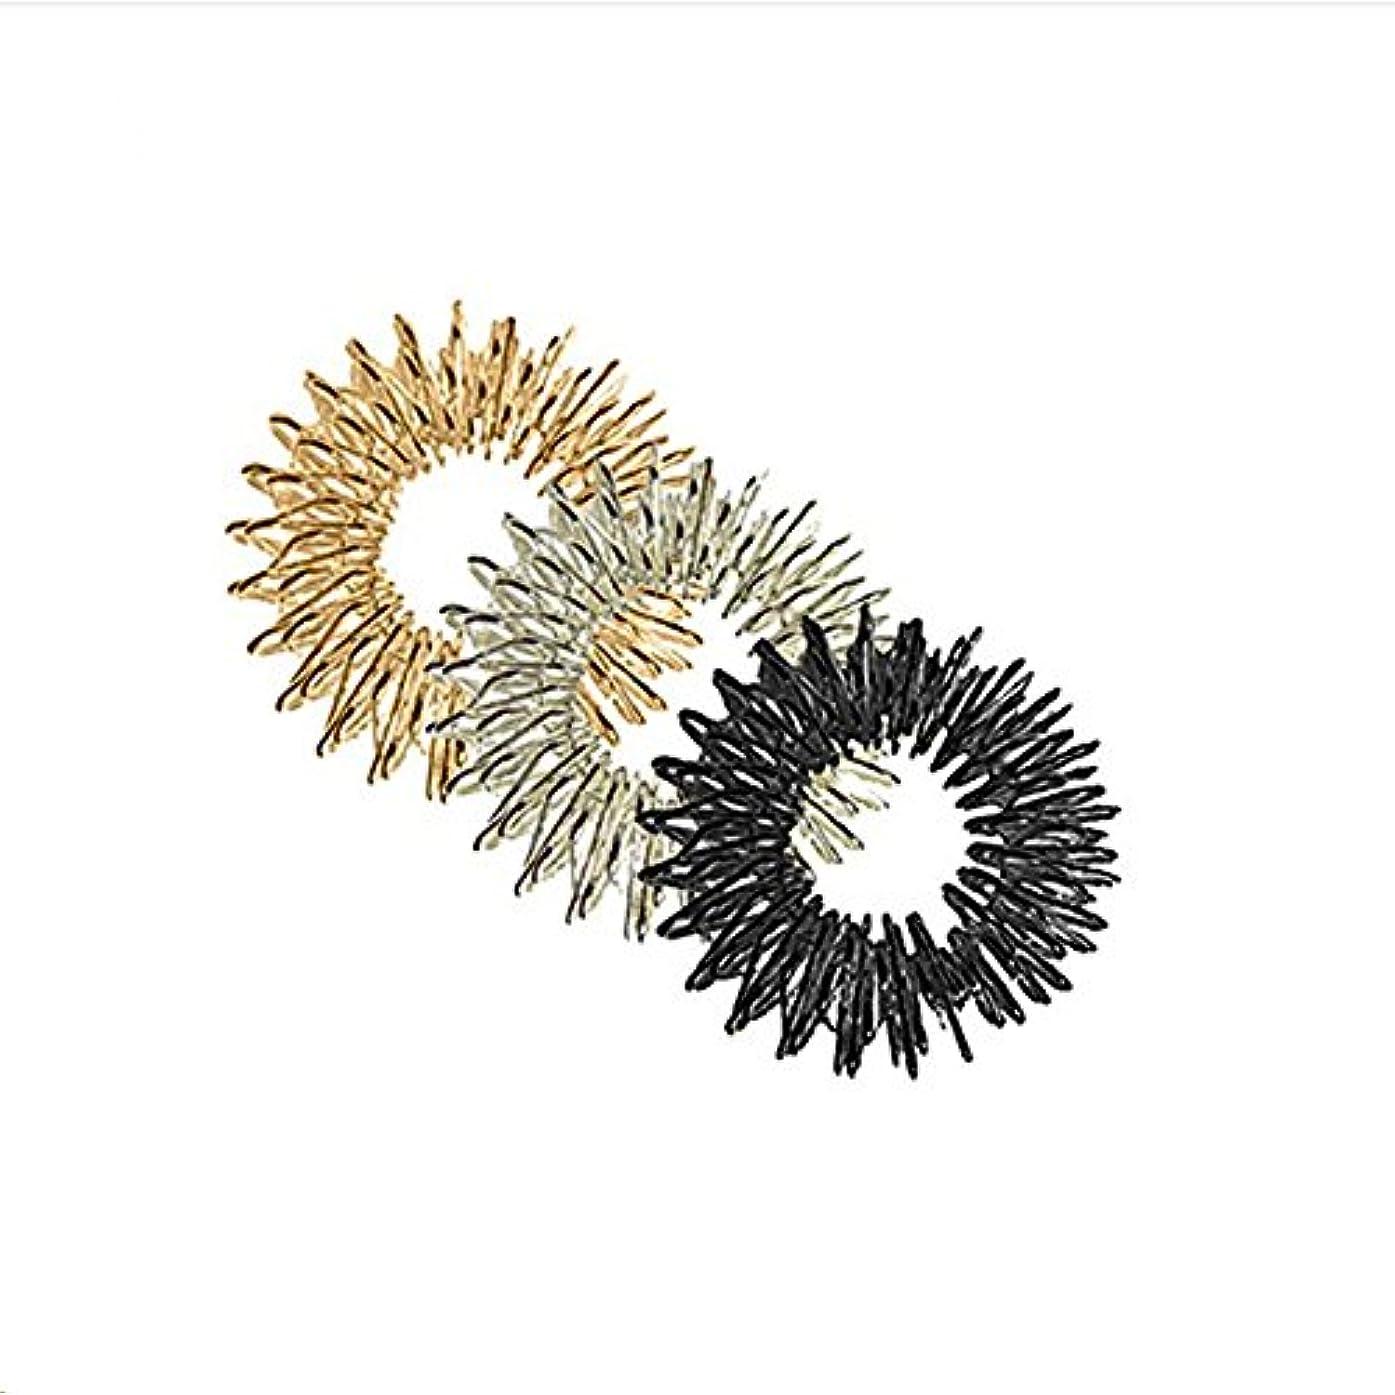 適性政治ダイヤモンドROSENICE 指圧リングマッサージリング3本指圧マッサージリング(ゴールド+シルバー+ブラック)